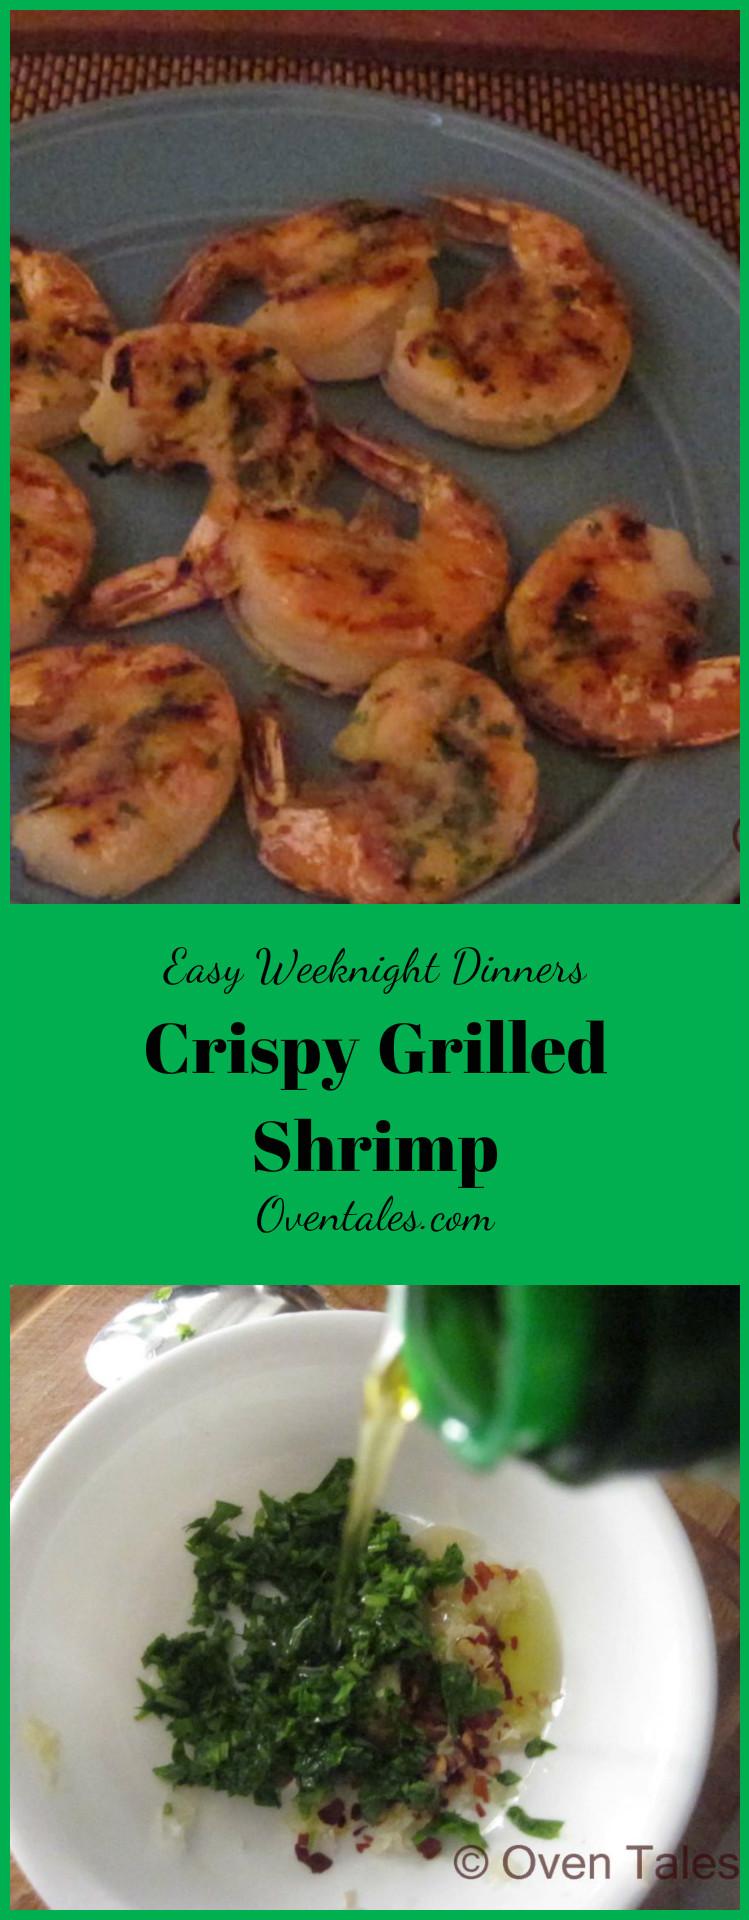 Crispy Grilled Shrimp